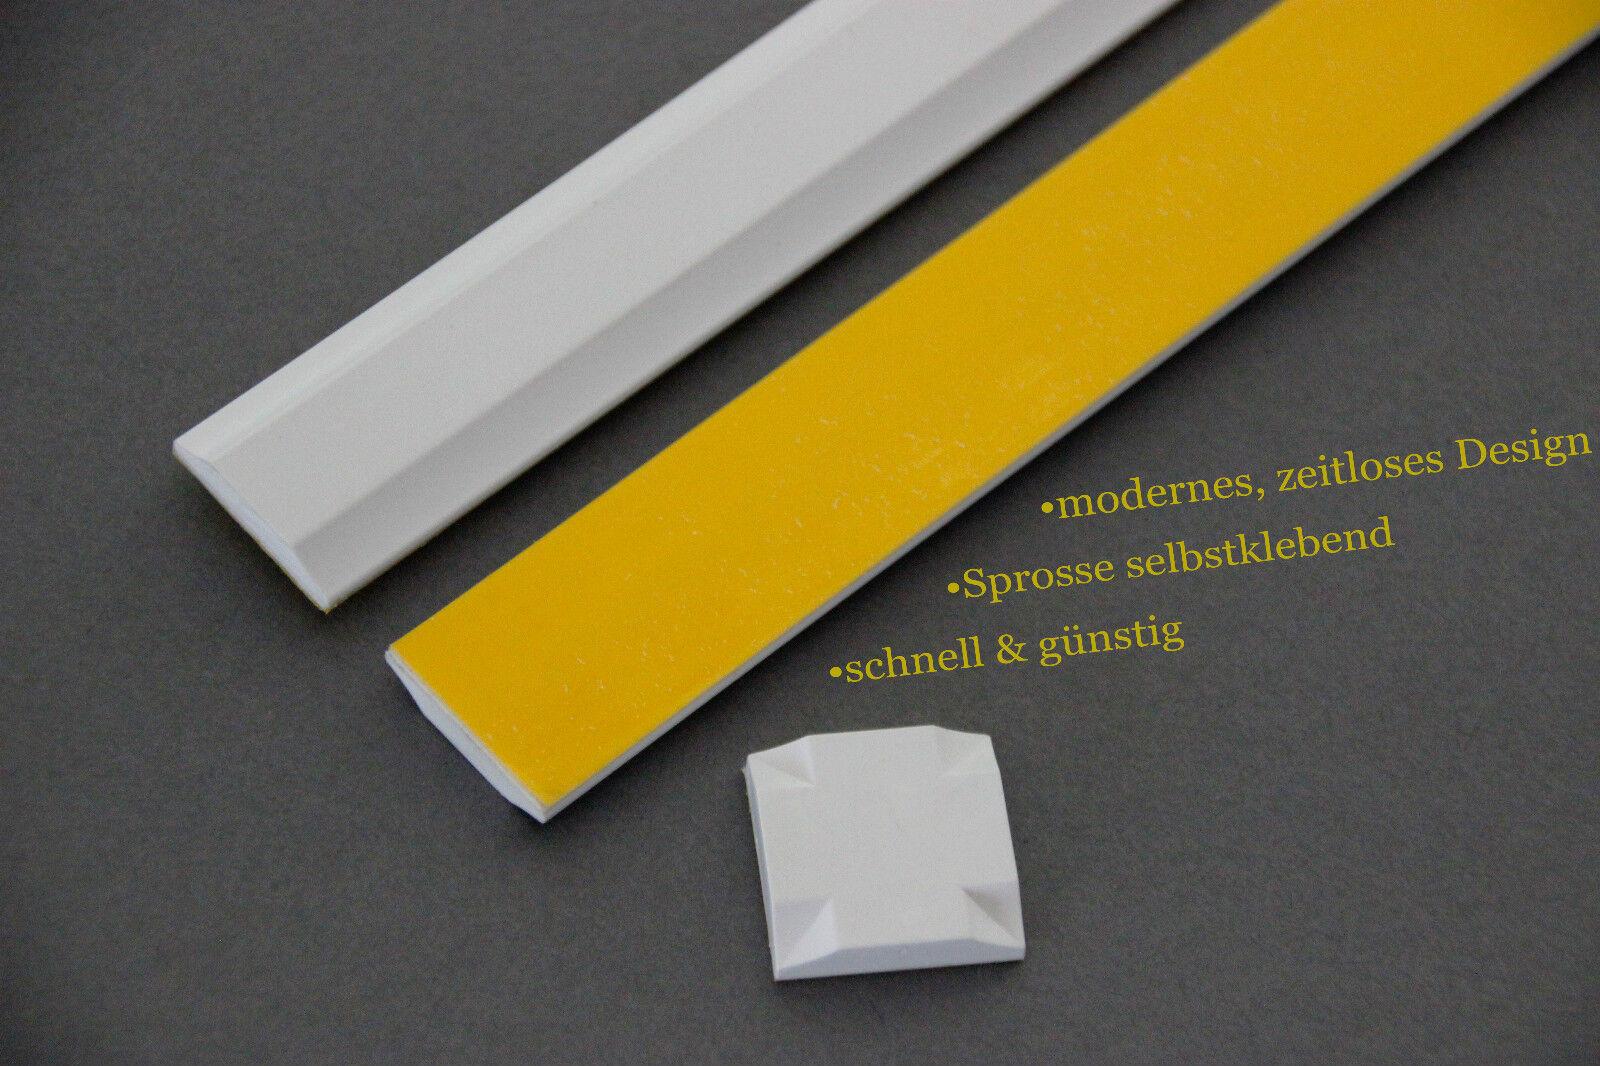 Fenster - Sprosse zum nachrüsten - Kunststoff  Fenstersprosse selbstklebend-weiß  | Genialität  | Schön In Der Farbe  | Hohe Qualität und geringer Aufwand  | Wonderful